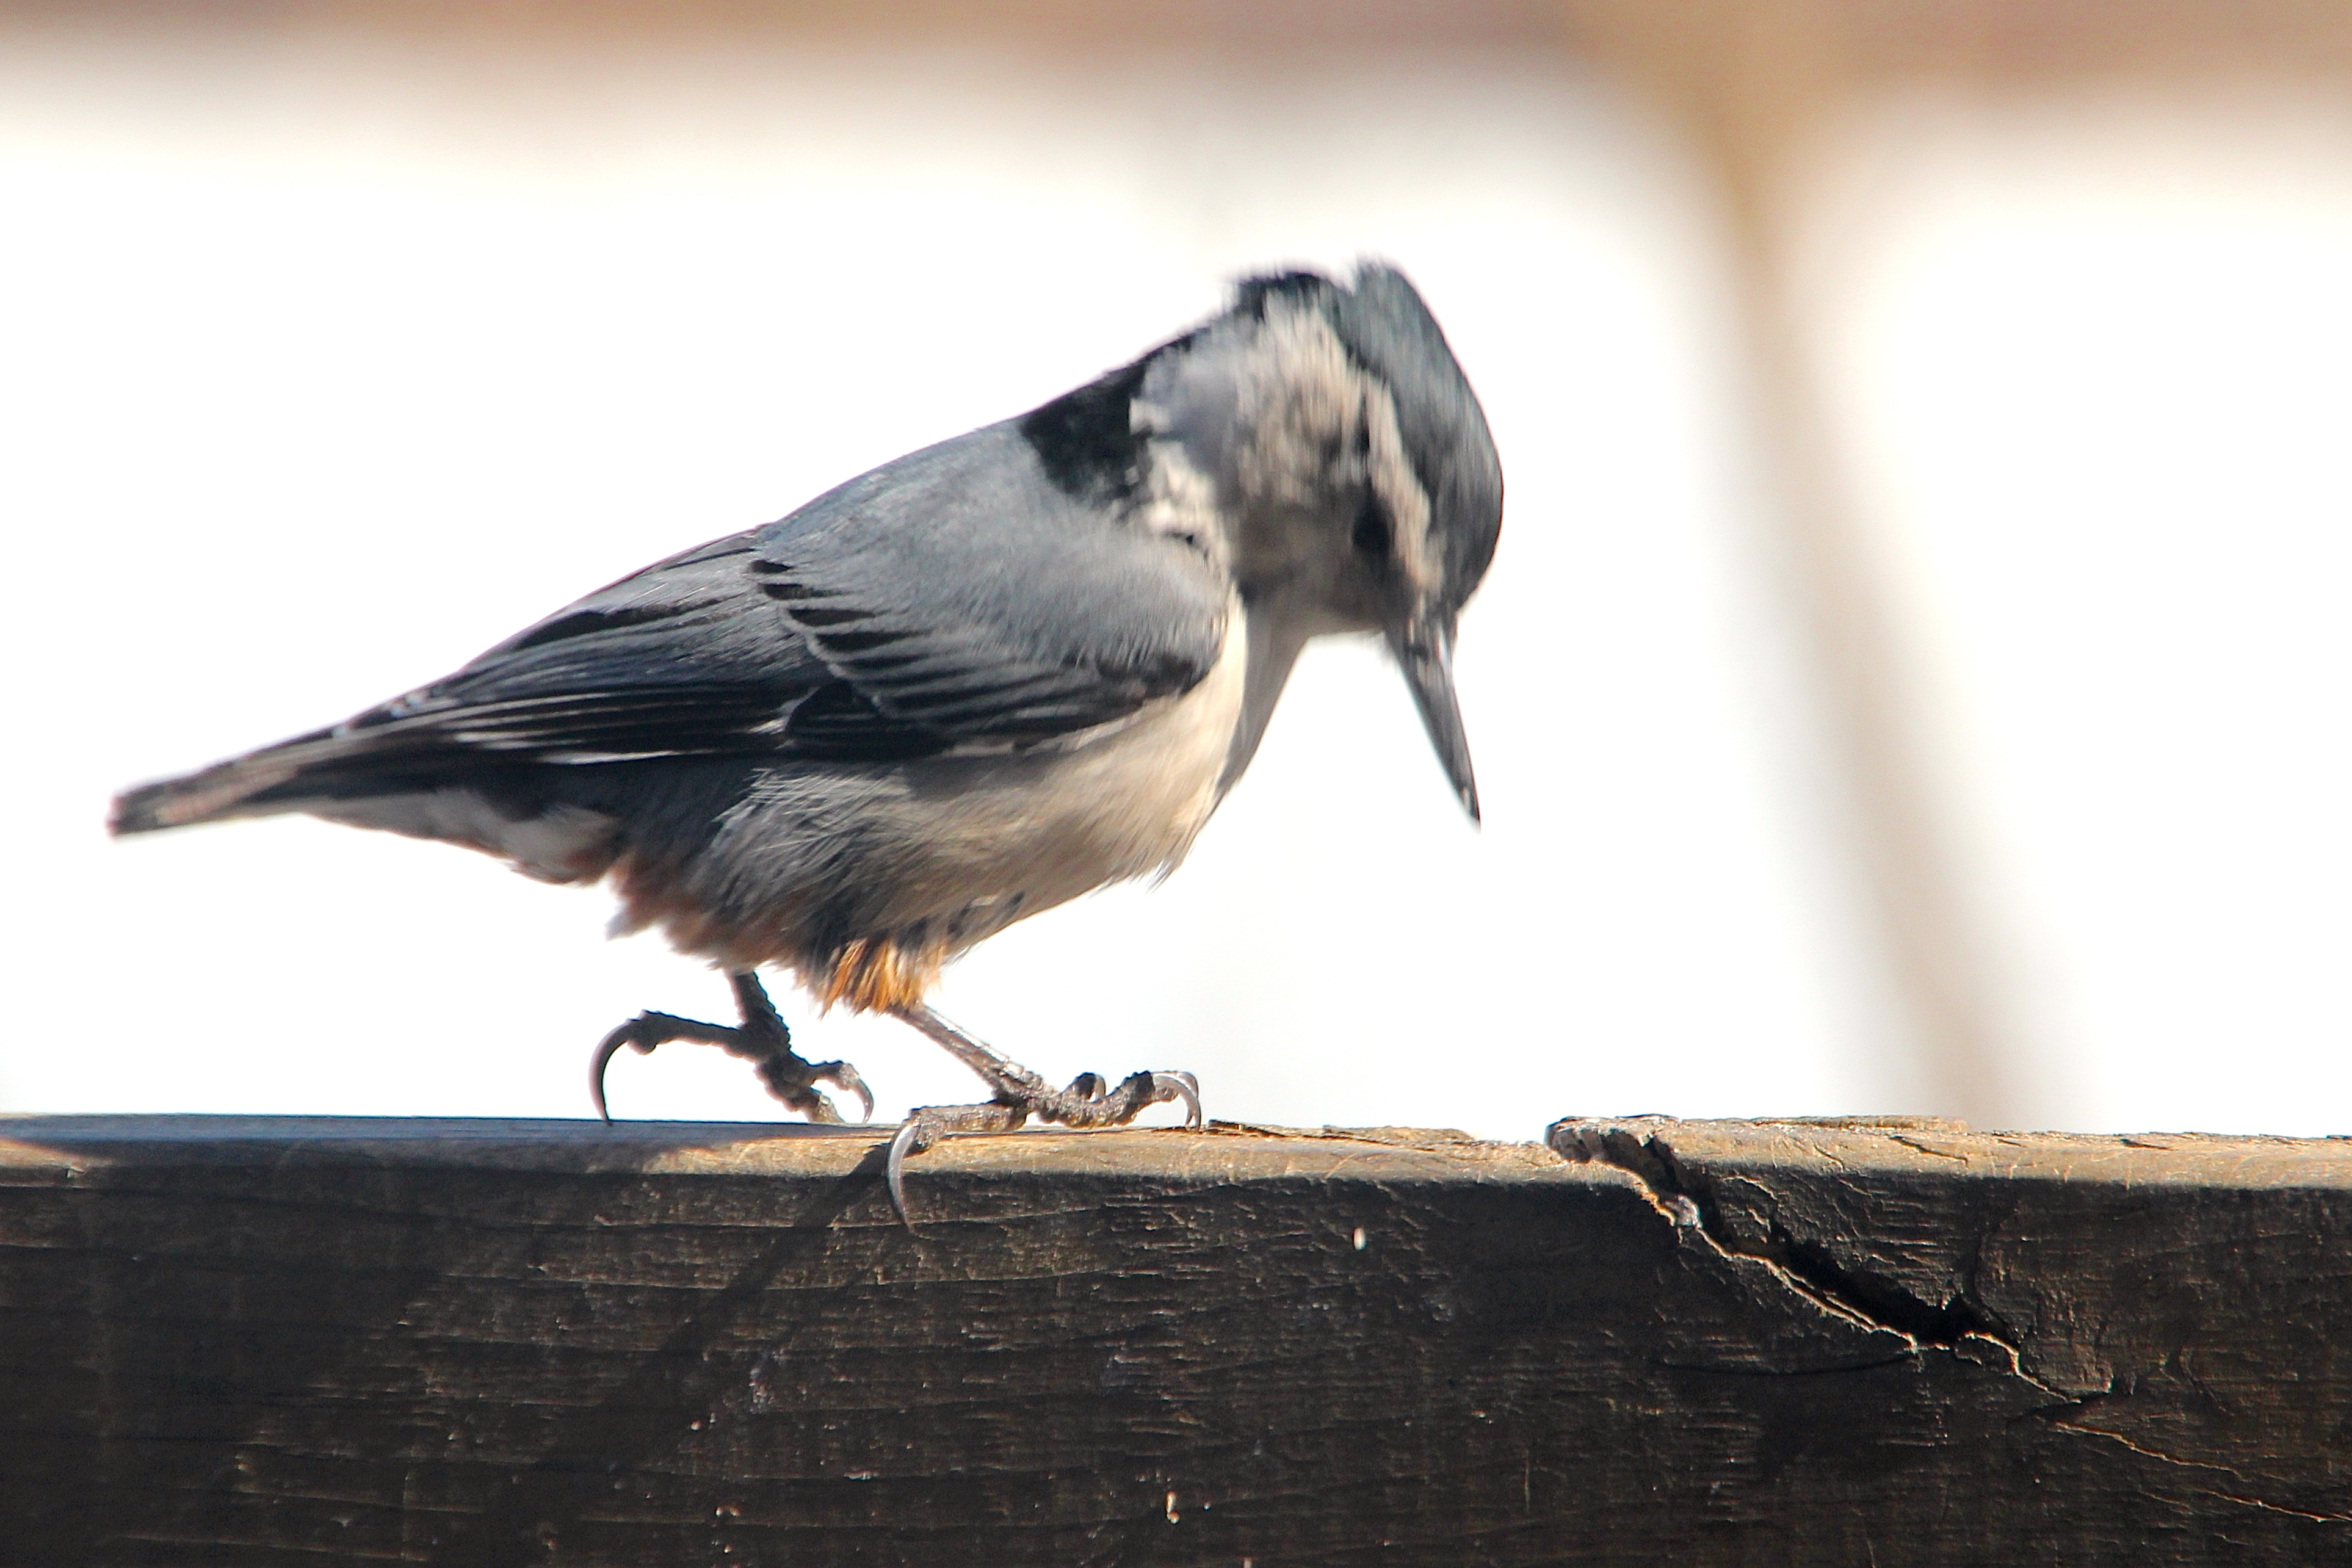 Nuthatch pecking like a woodpecker